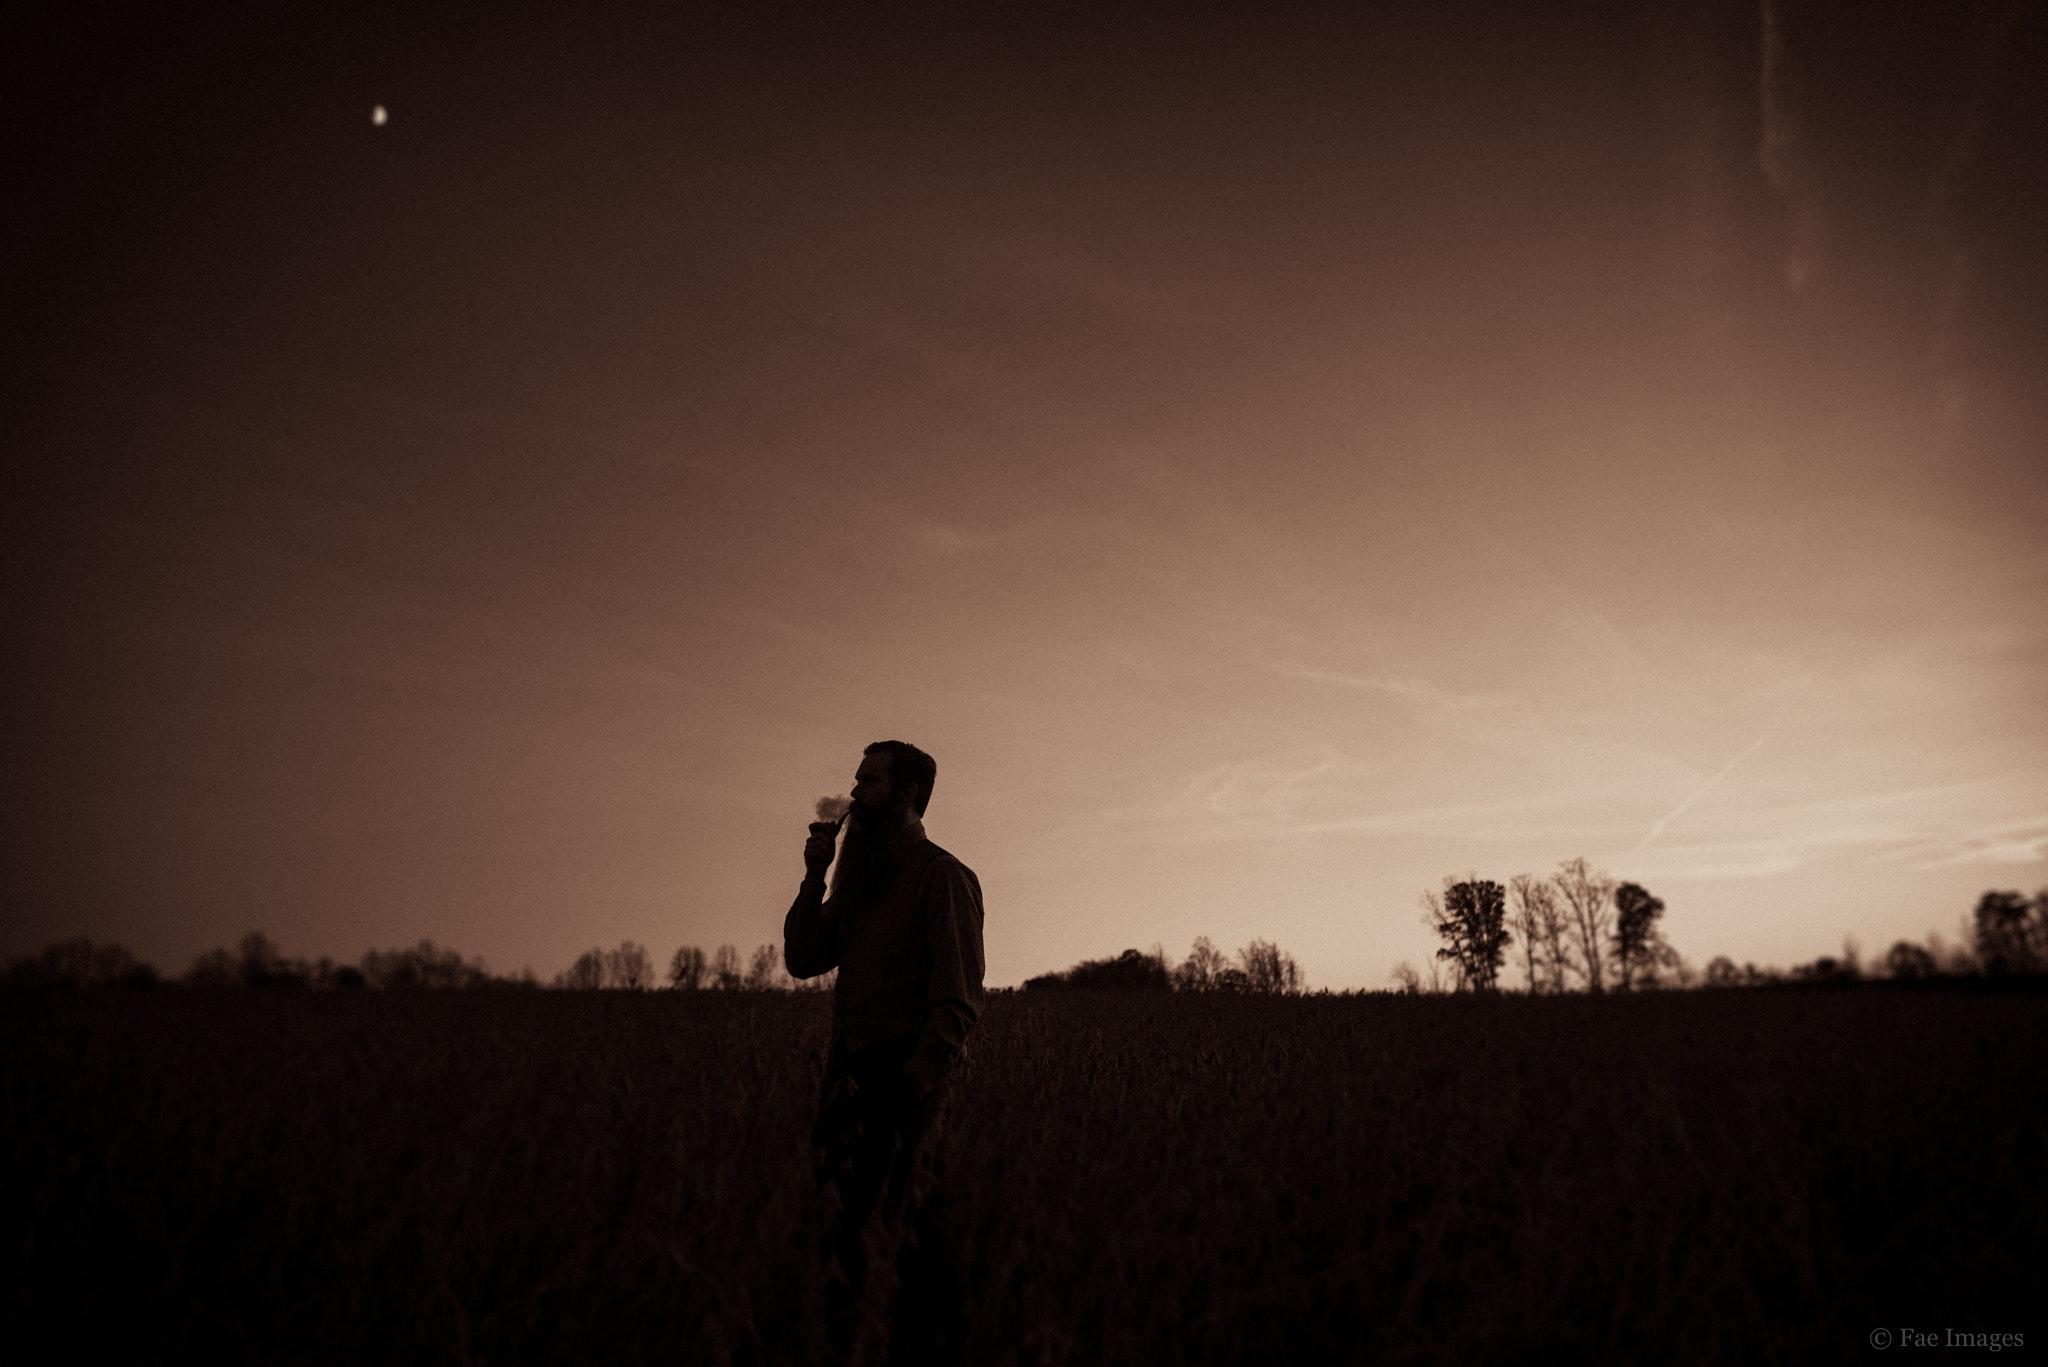 Fae Images - Jason-2